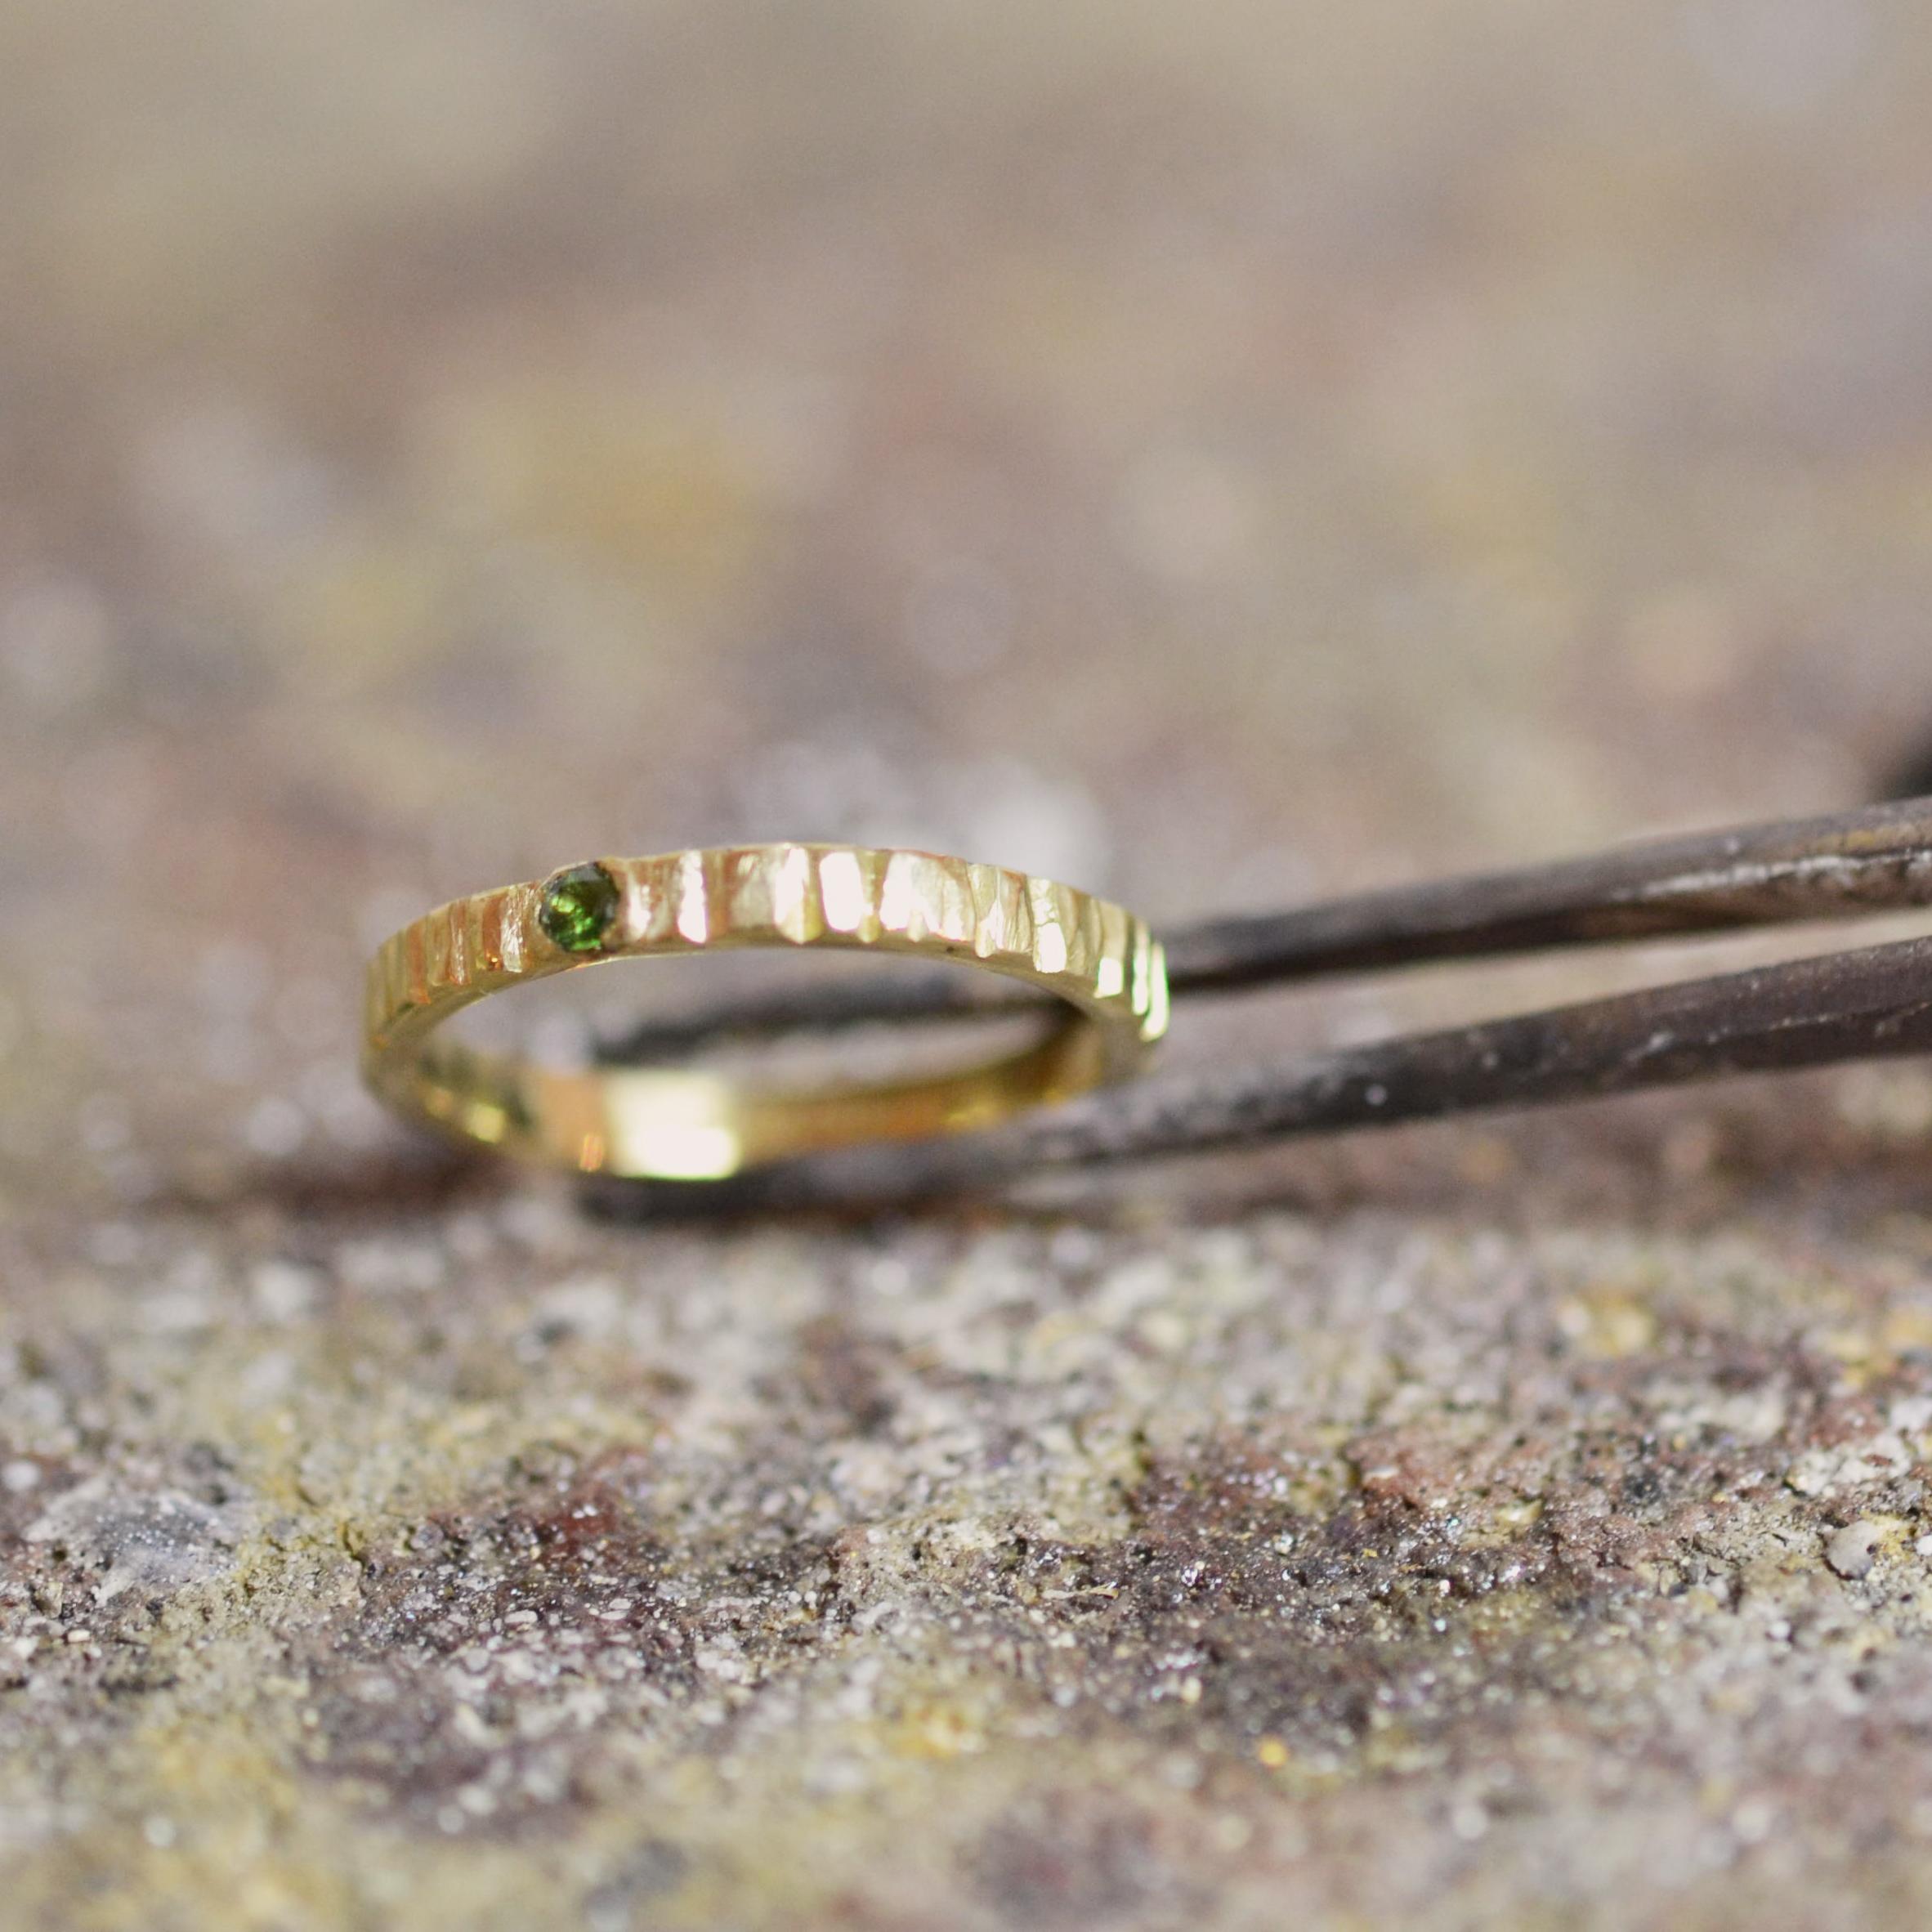 geel gouden fijne ring met groen steentje.jpg